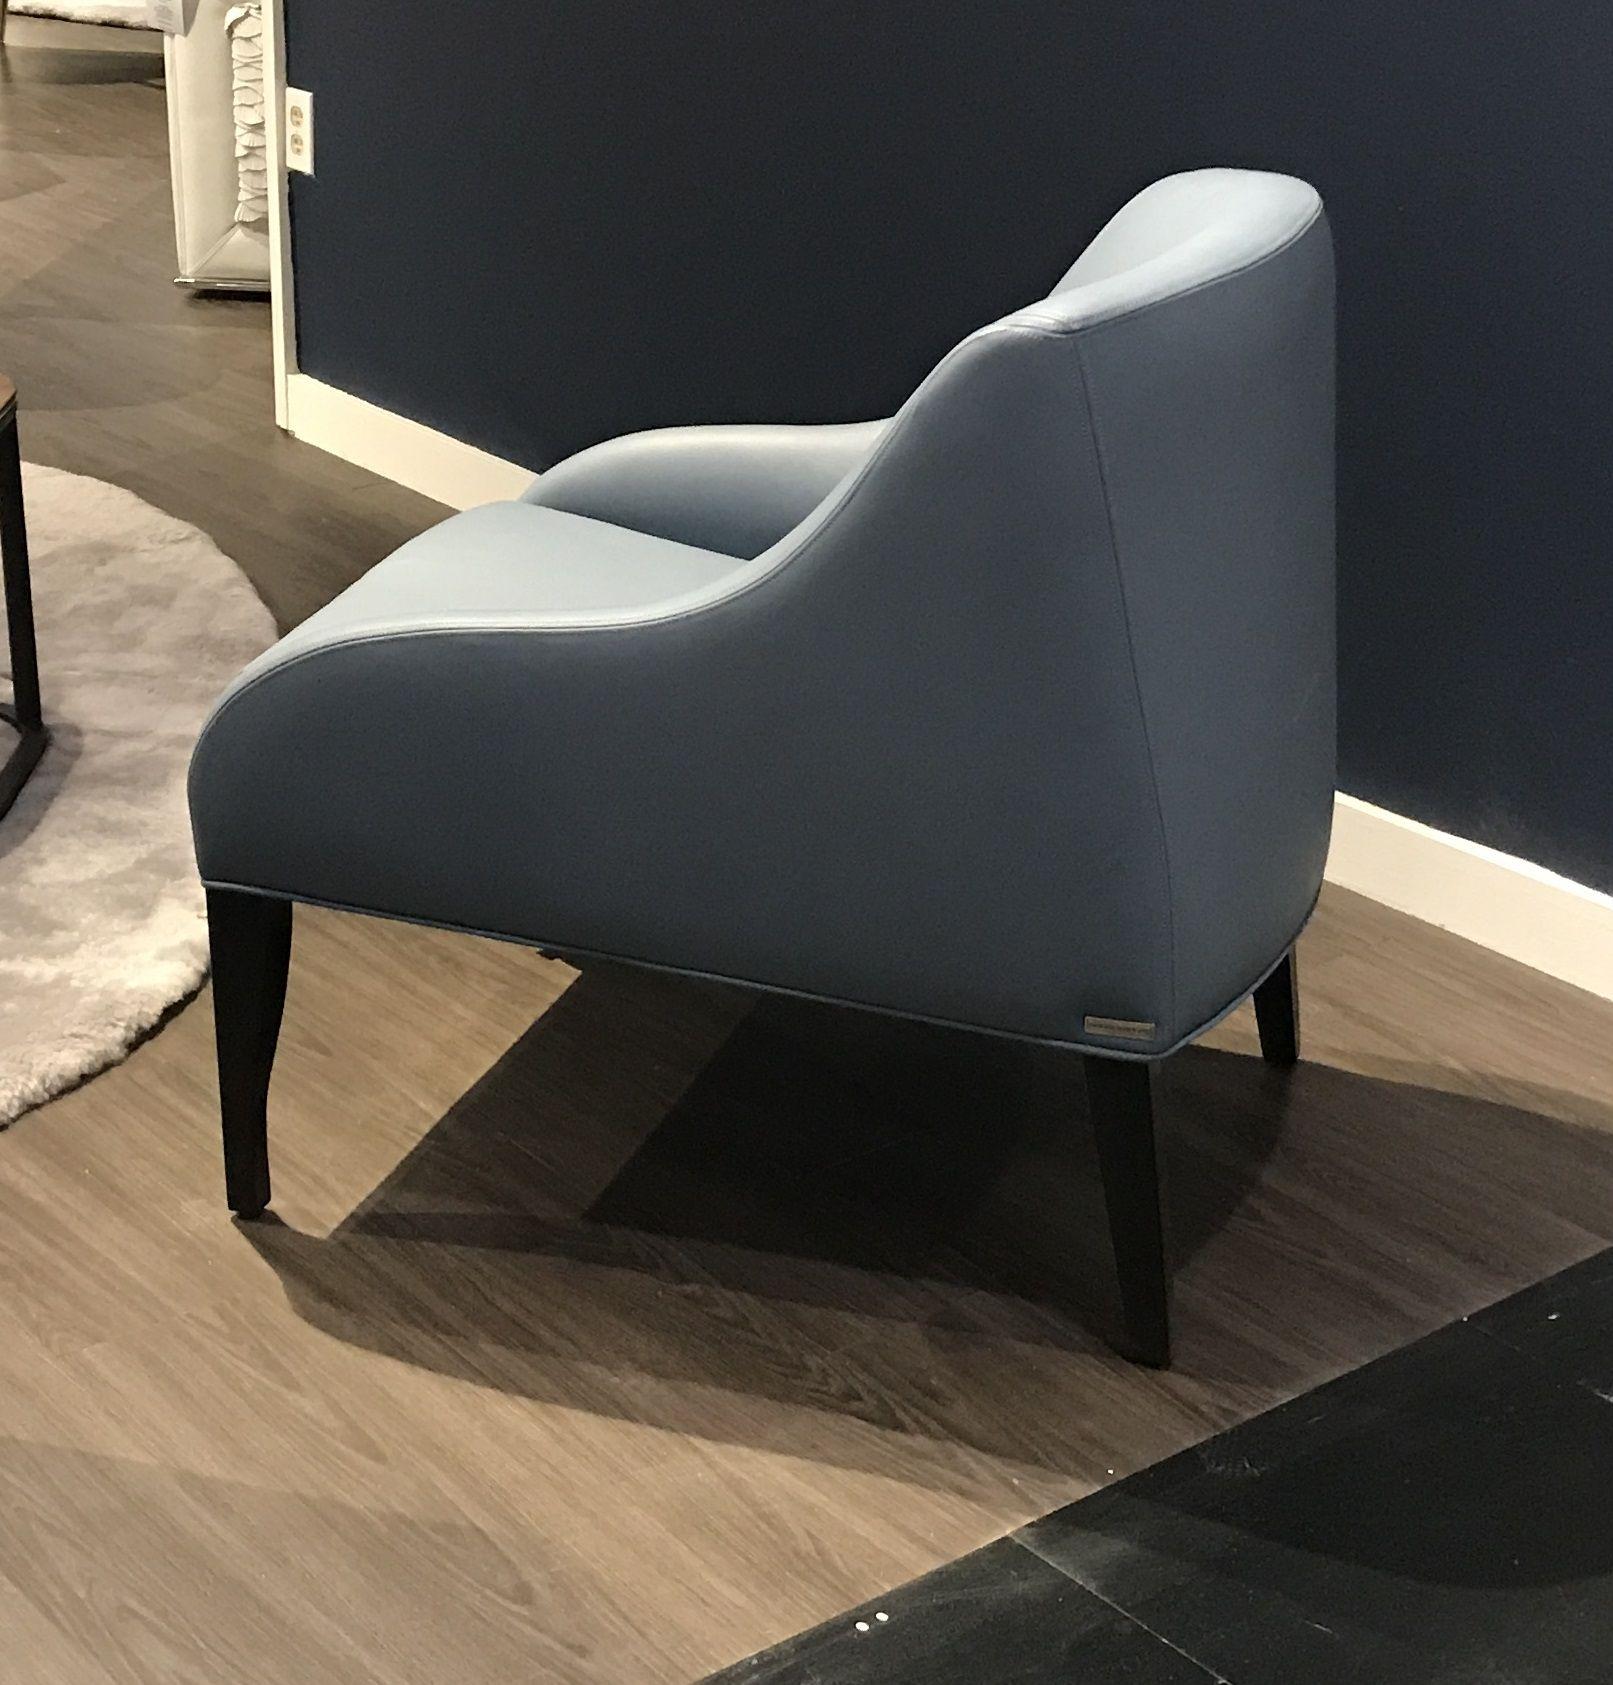 Caffe Chair Chairs Chair Accent Chairs Biz Chair